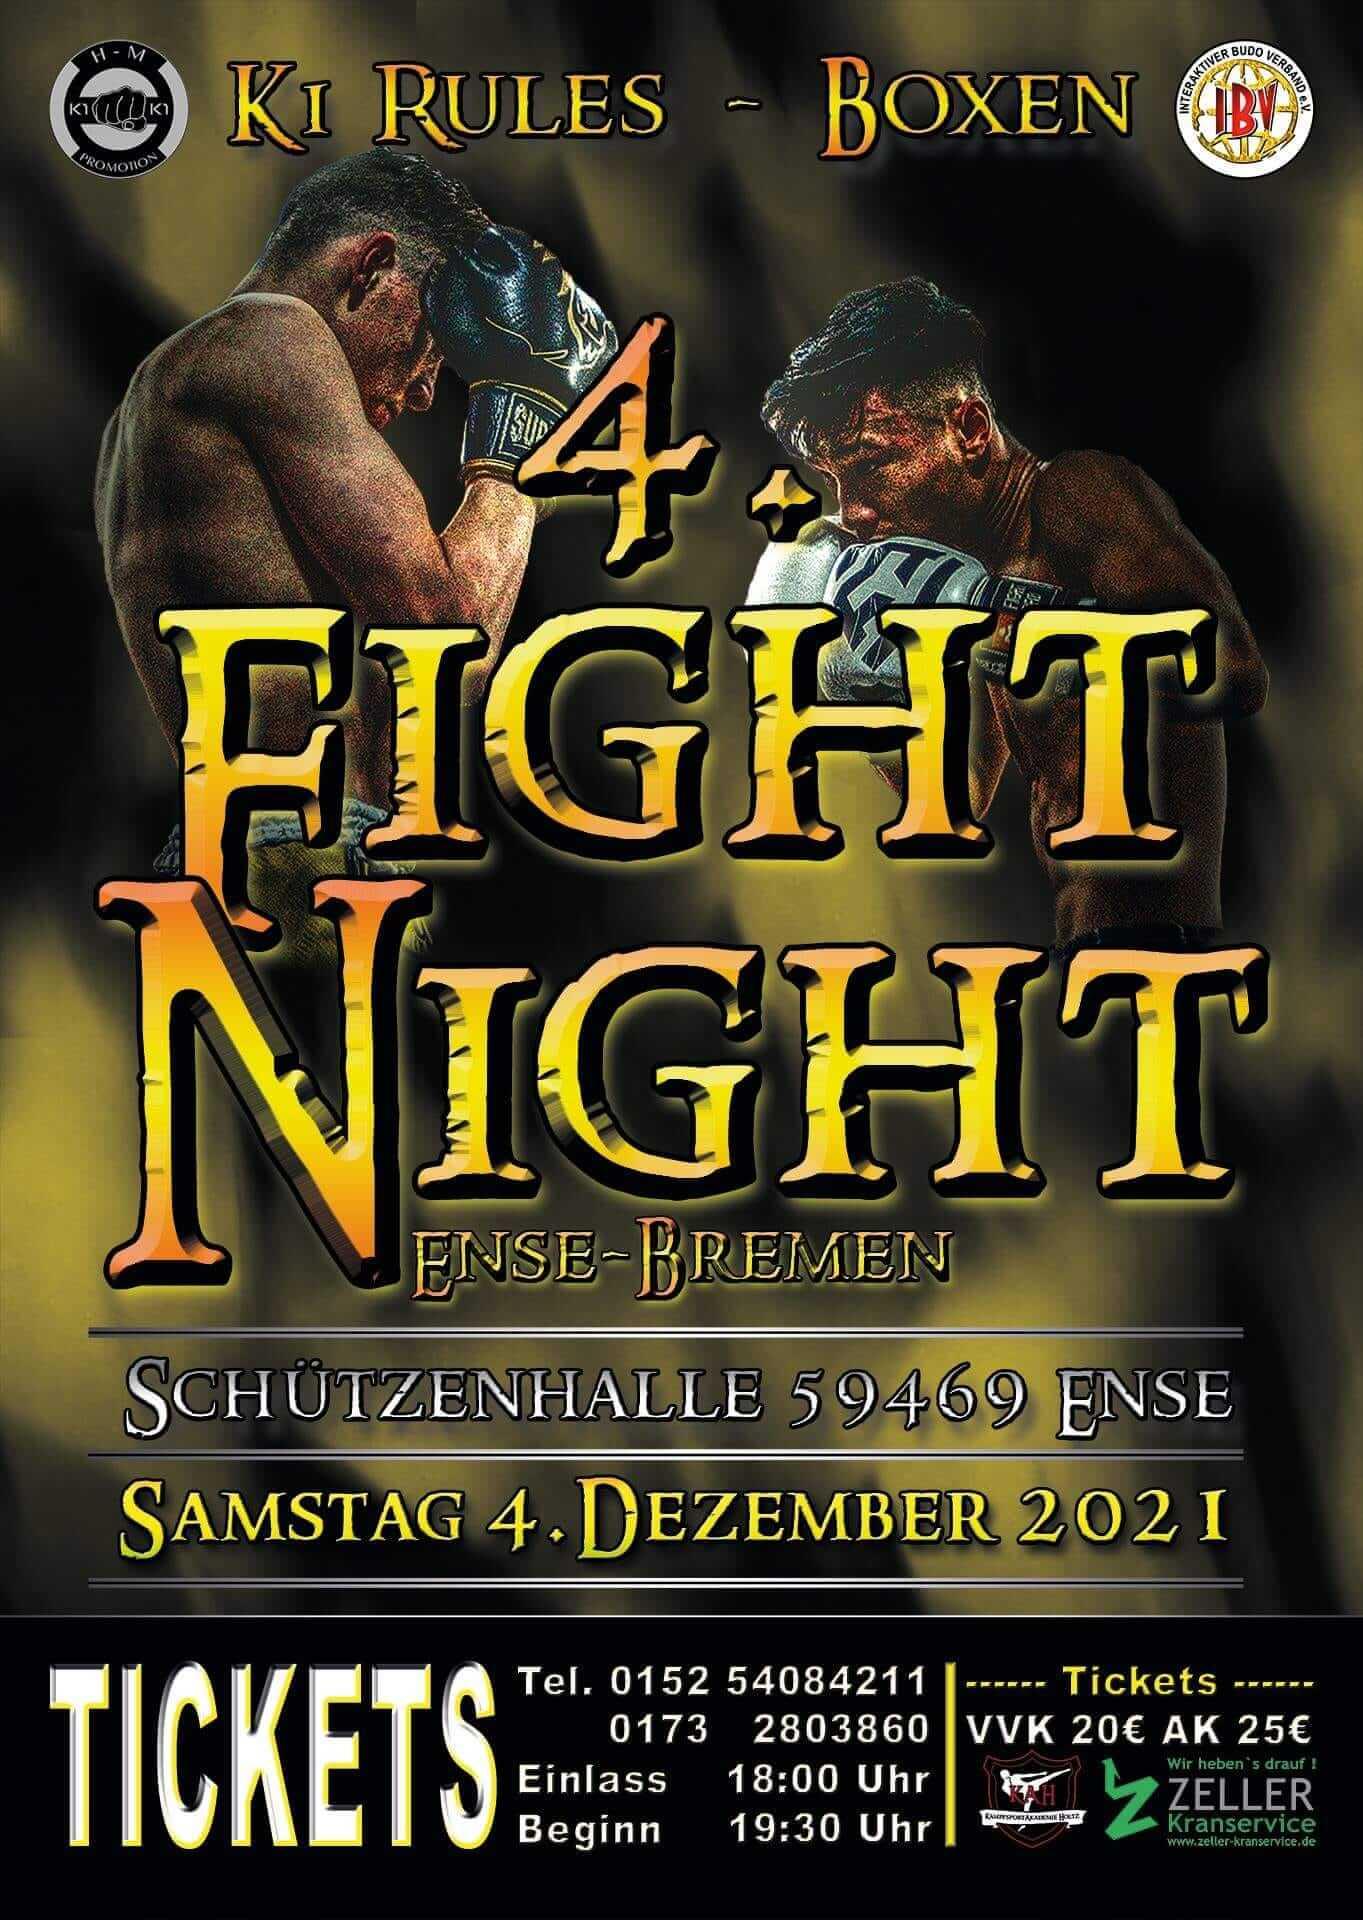 Fight Night 4 in Ense Bremen am 4 Dezember 2021